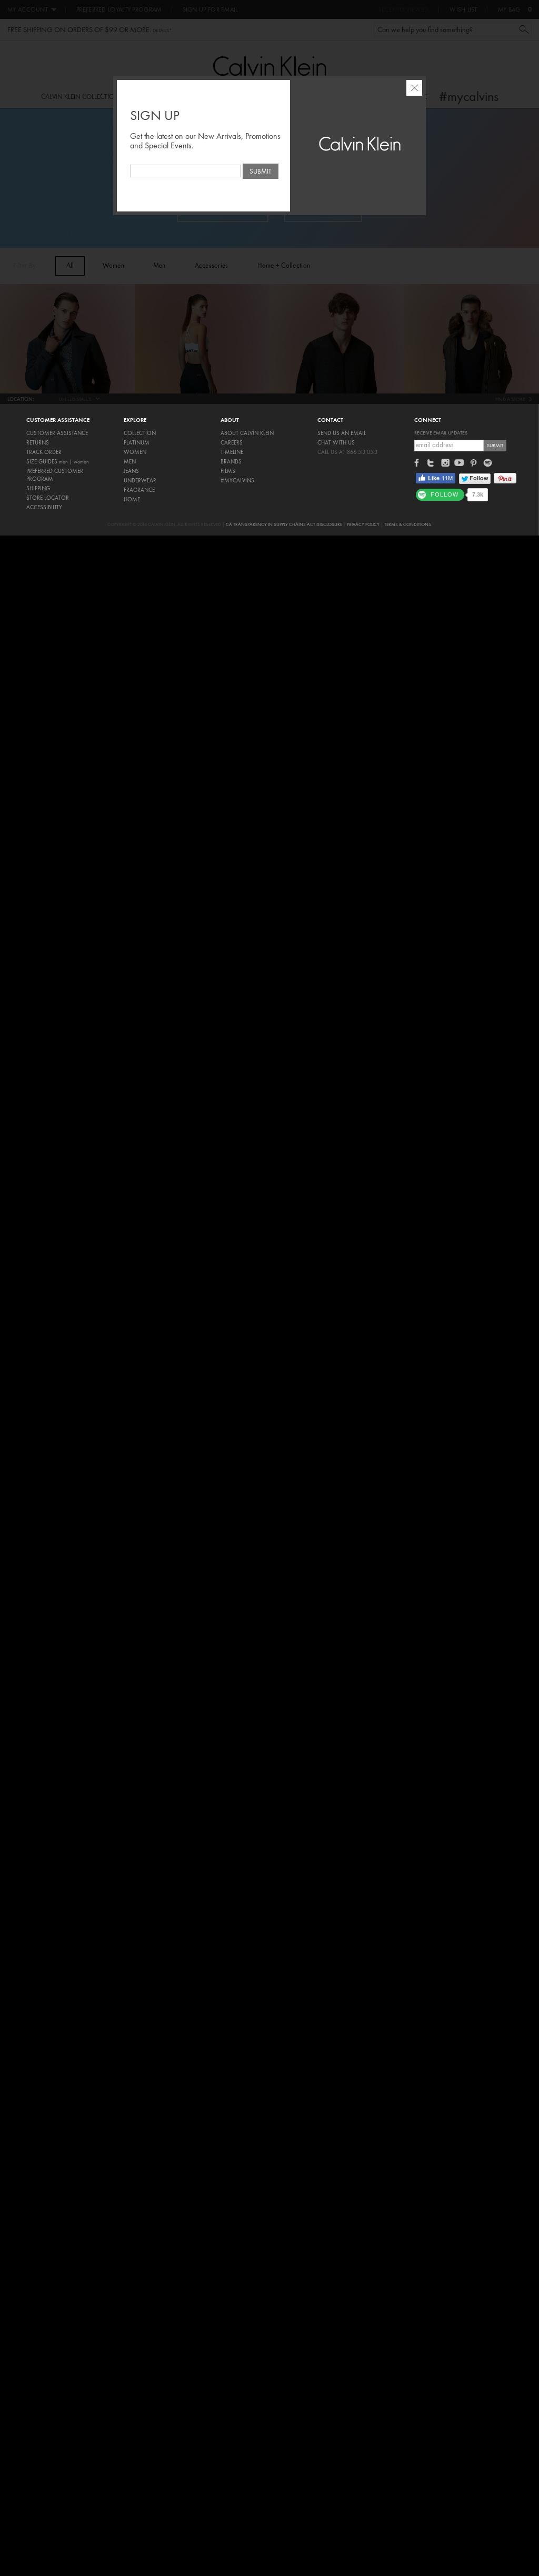 3b965e98dfc Calvin Klein Competitors